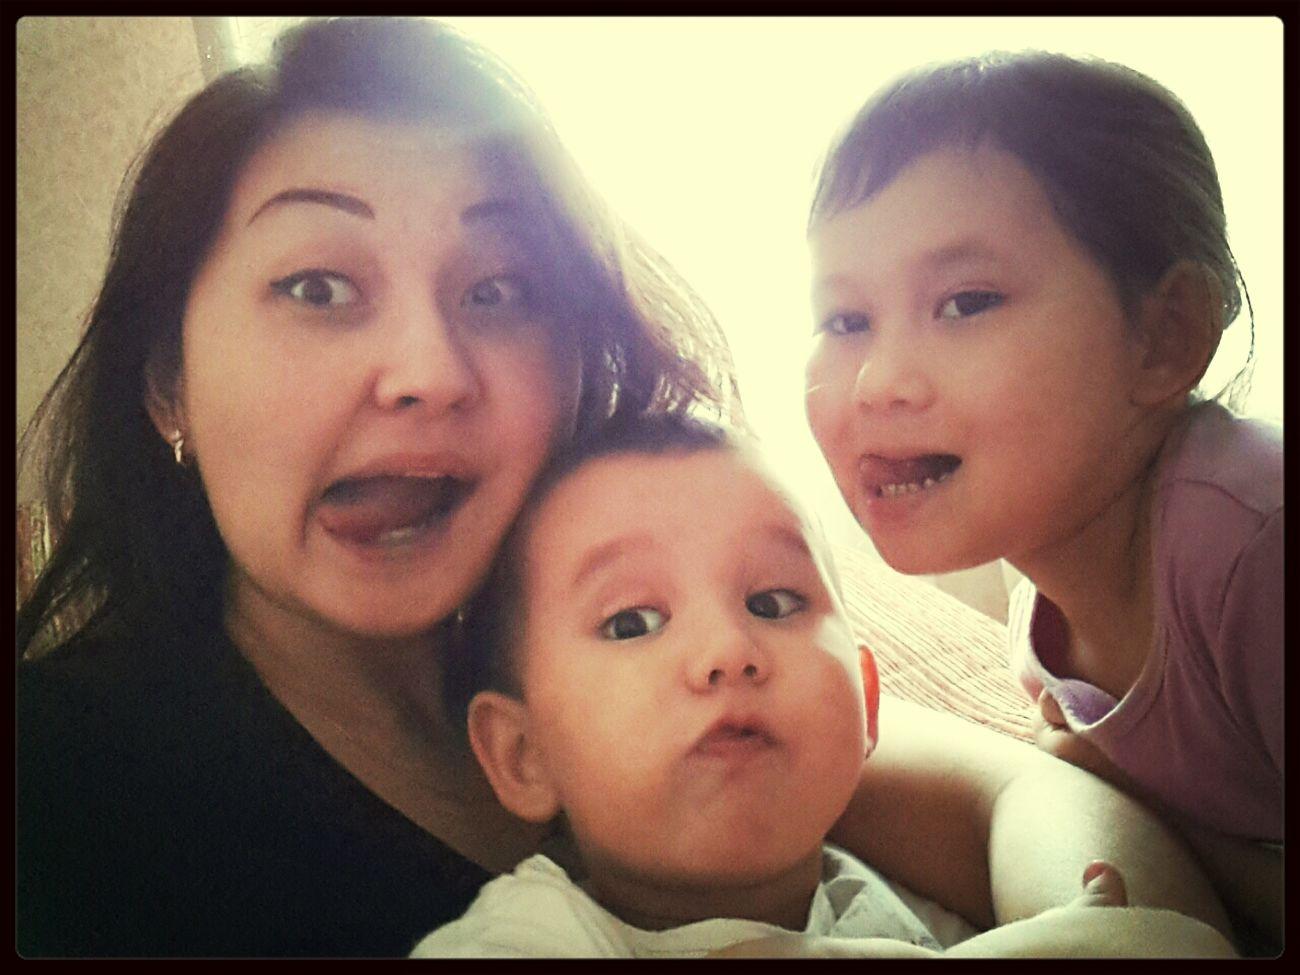 Love My Family ❤ детицветыжизни Безудержное веселье)